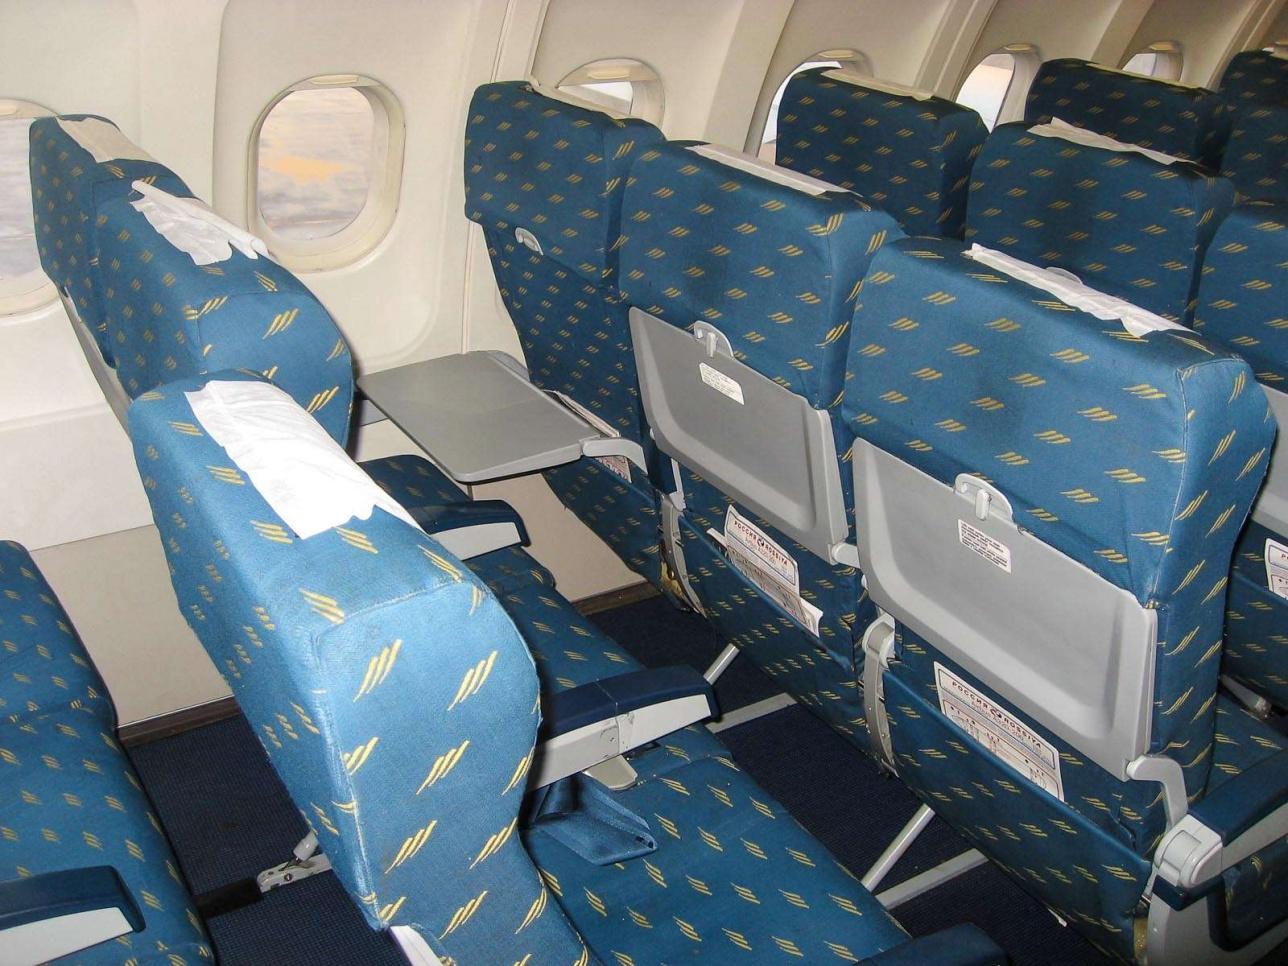 Примерно такая плотность рядов кресел ожидается при уплотнении салона Airbis A320